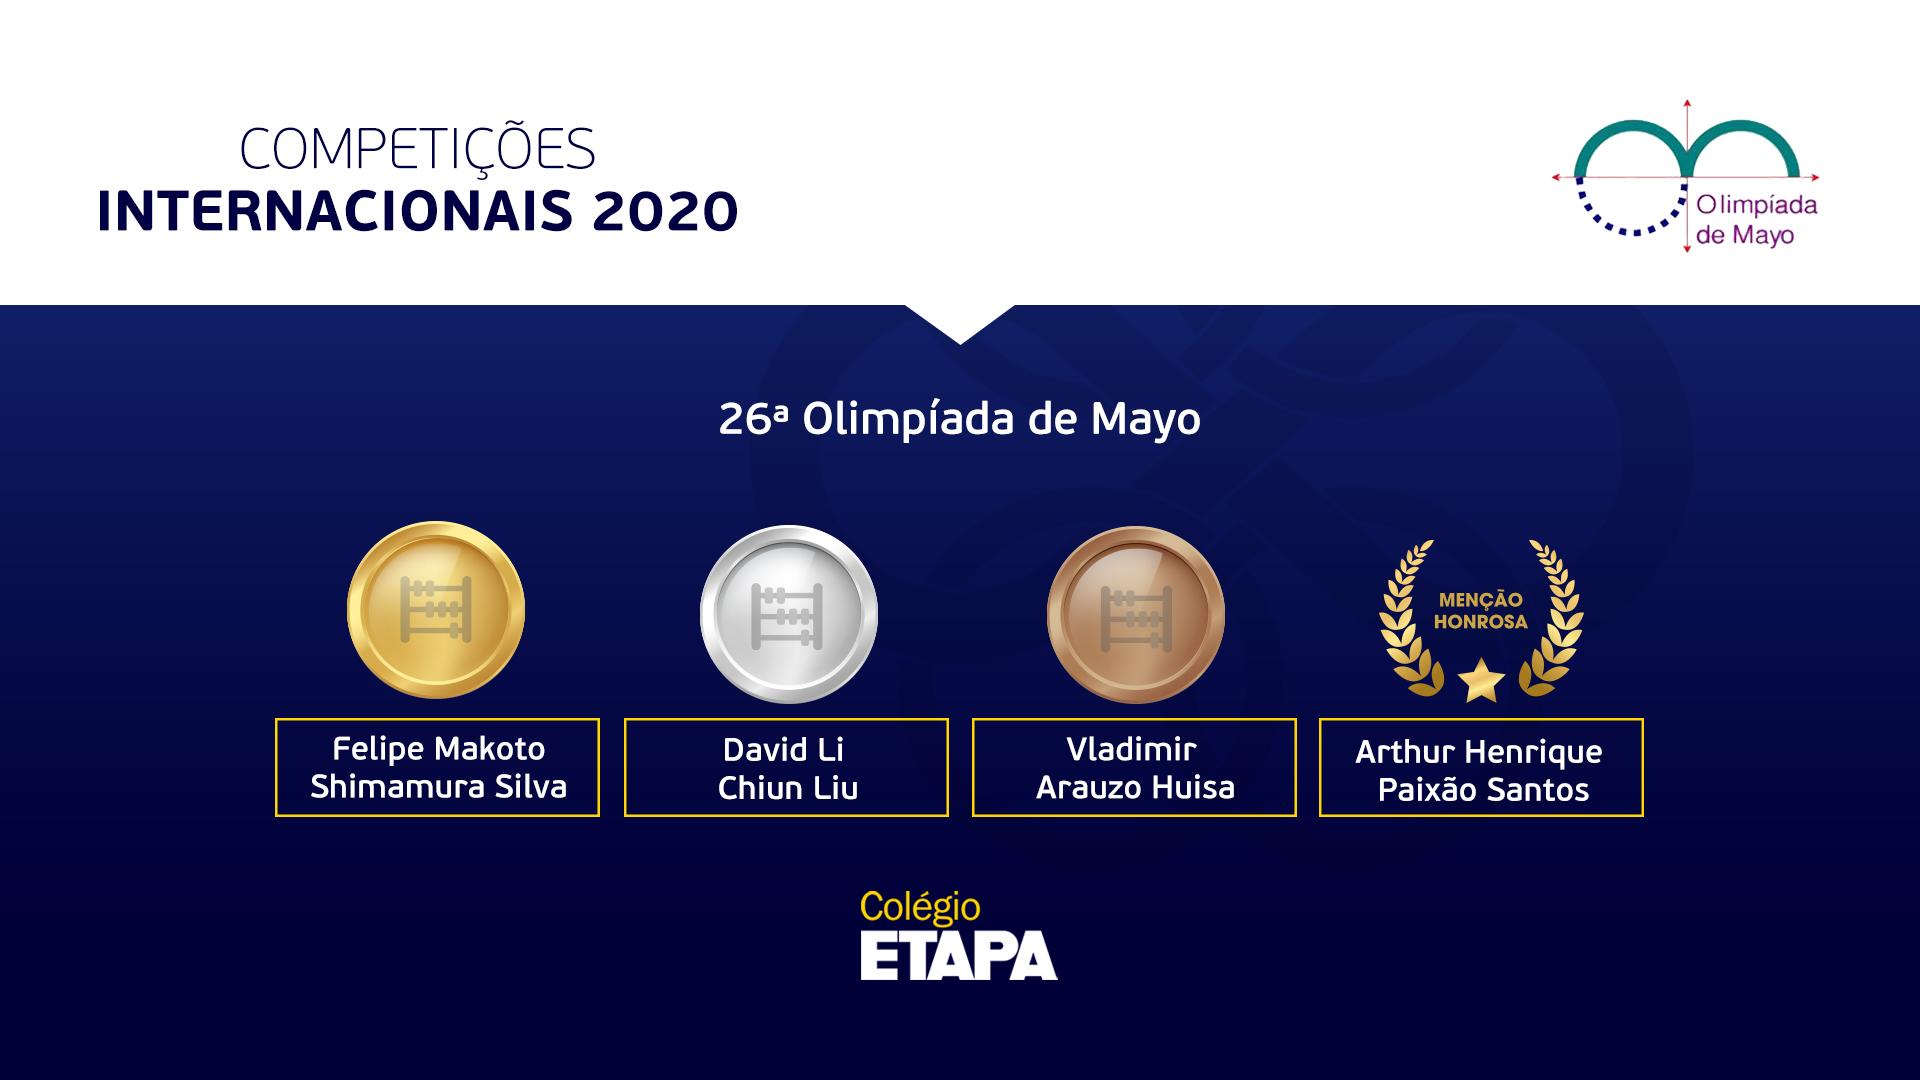 Alunos do Etapa são premiados na Olimpíada de Maio 2020